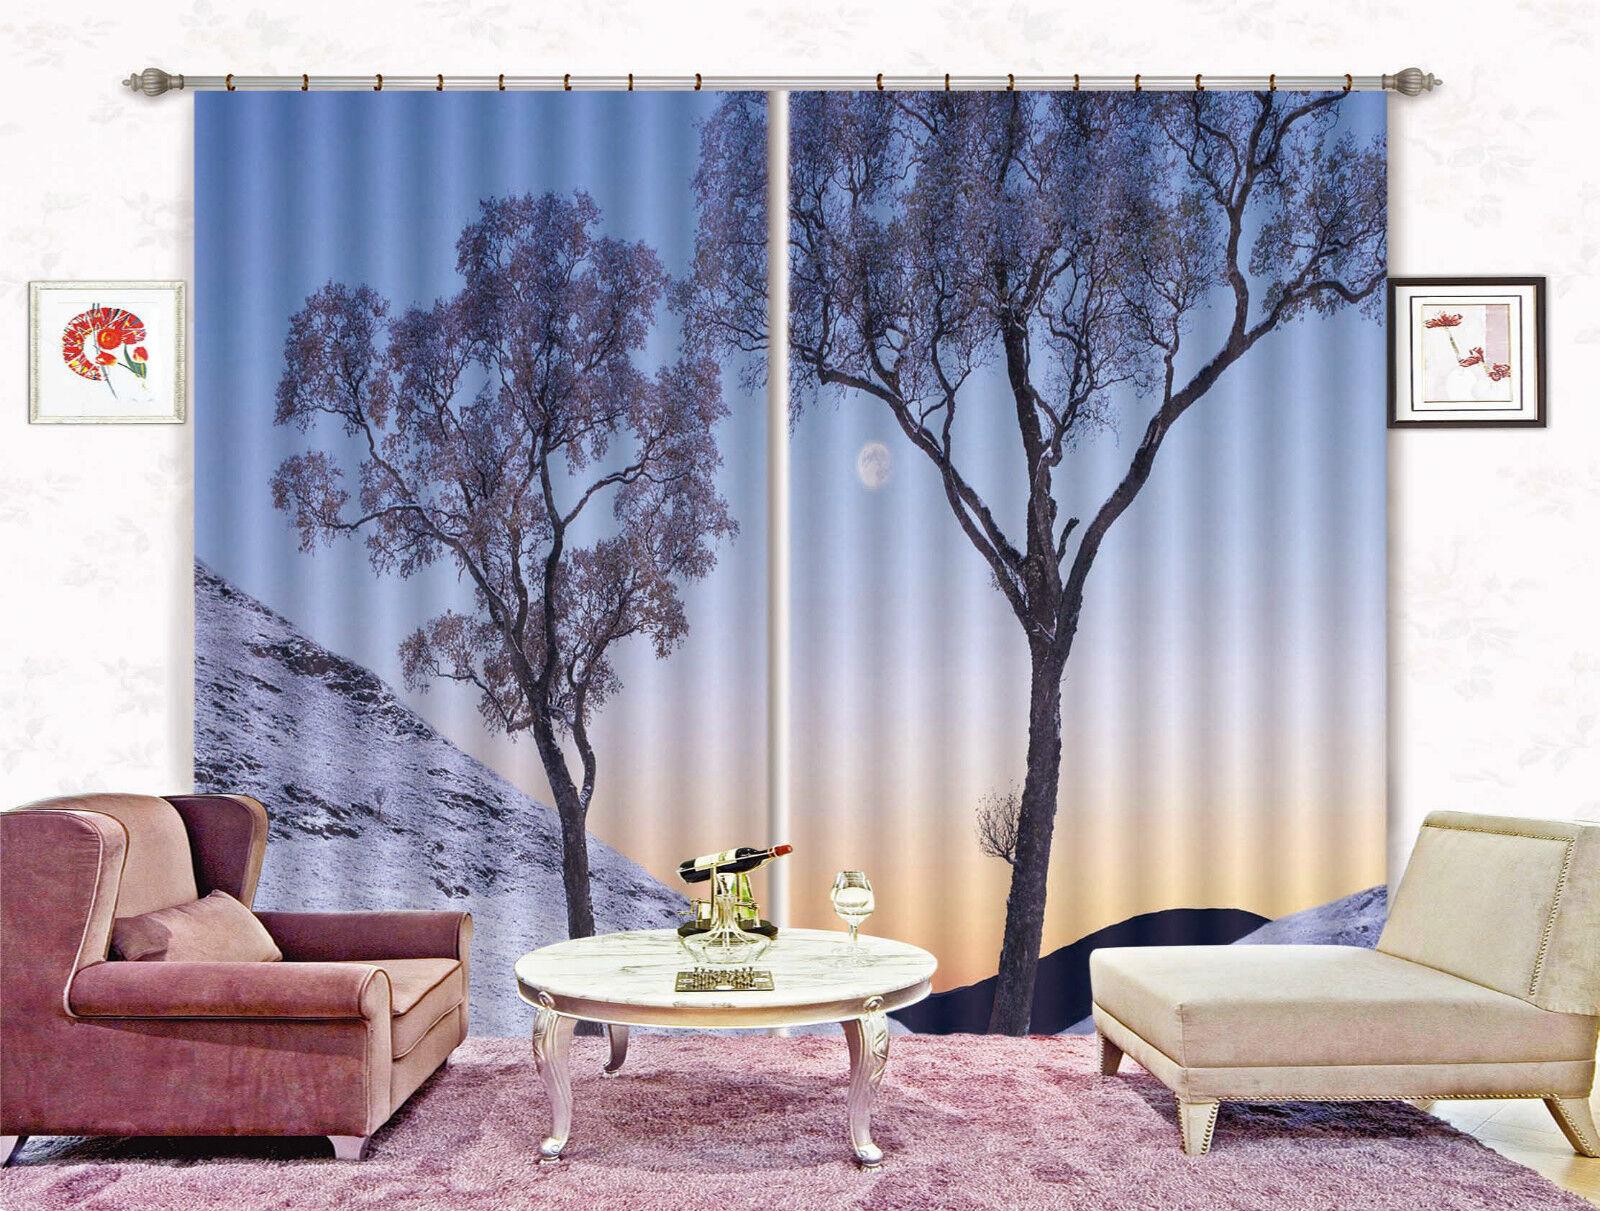 3d Hang ALBERO 4164 blocco foto sipario pressione sipario tende tessuto finestra de